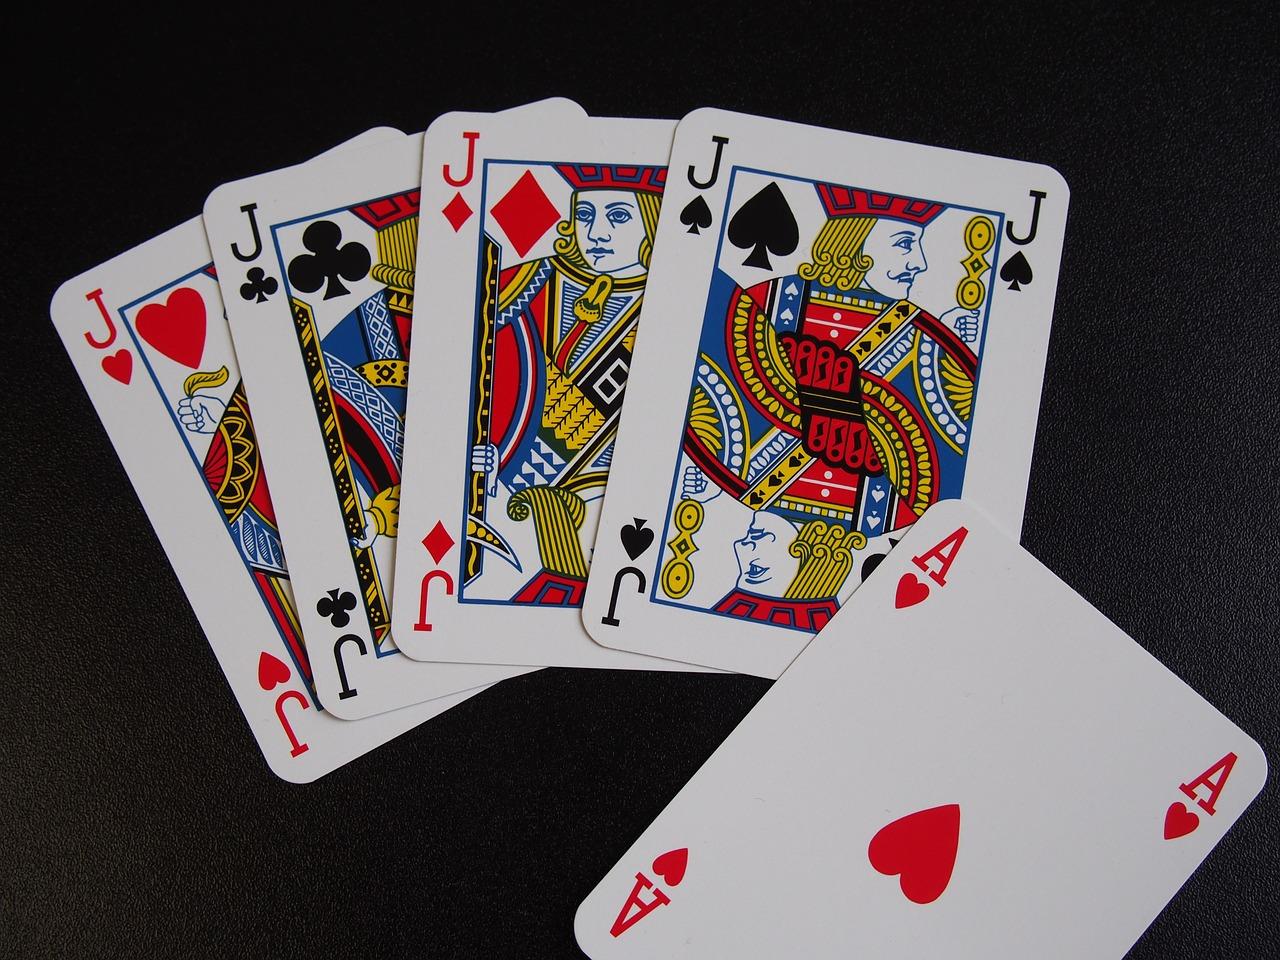 Comment_jouer_aux_jeux_de_casino_en_ligne_quand_on_n_est_pas_chez_soi